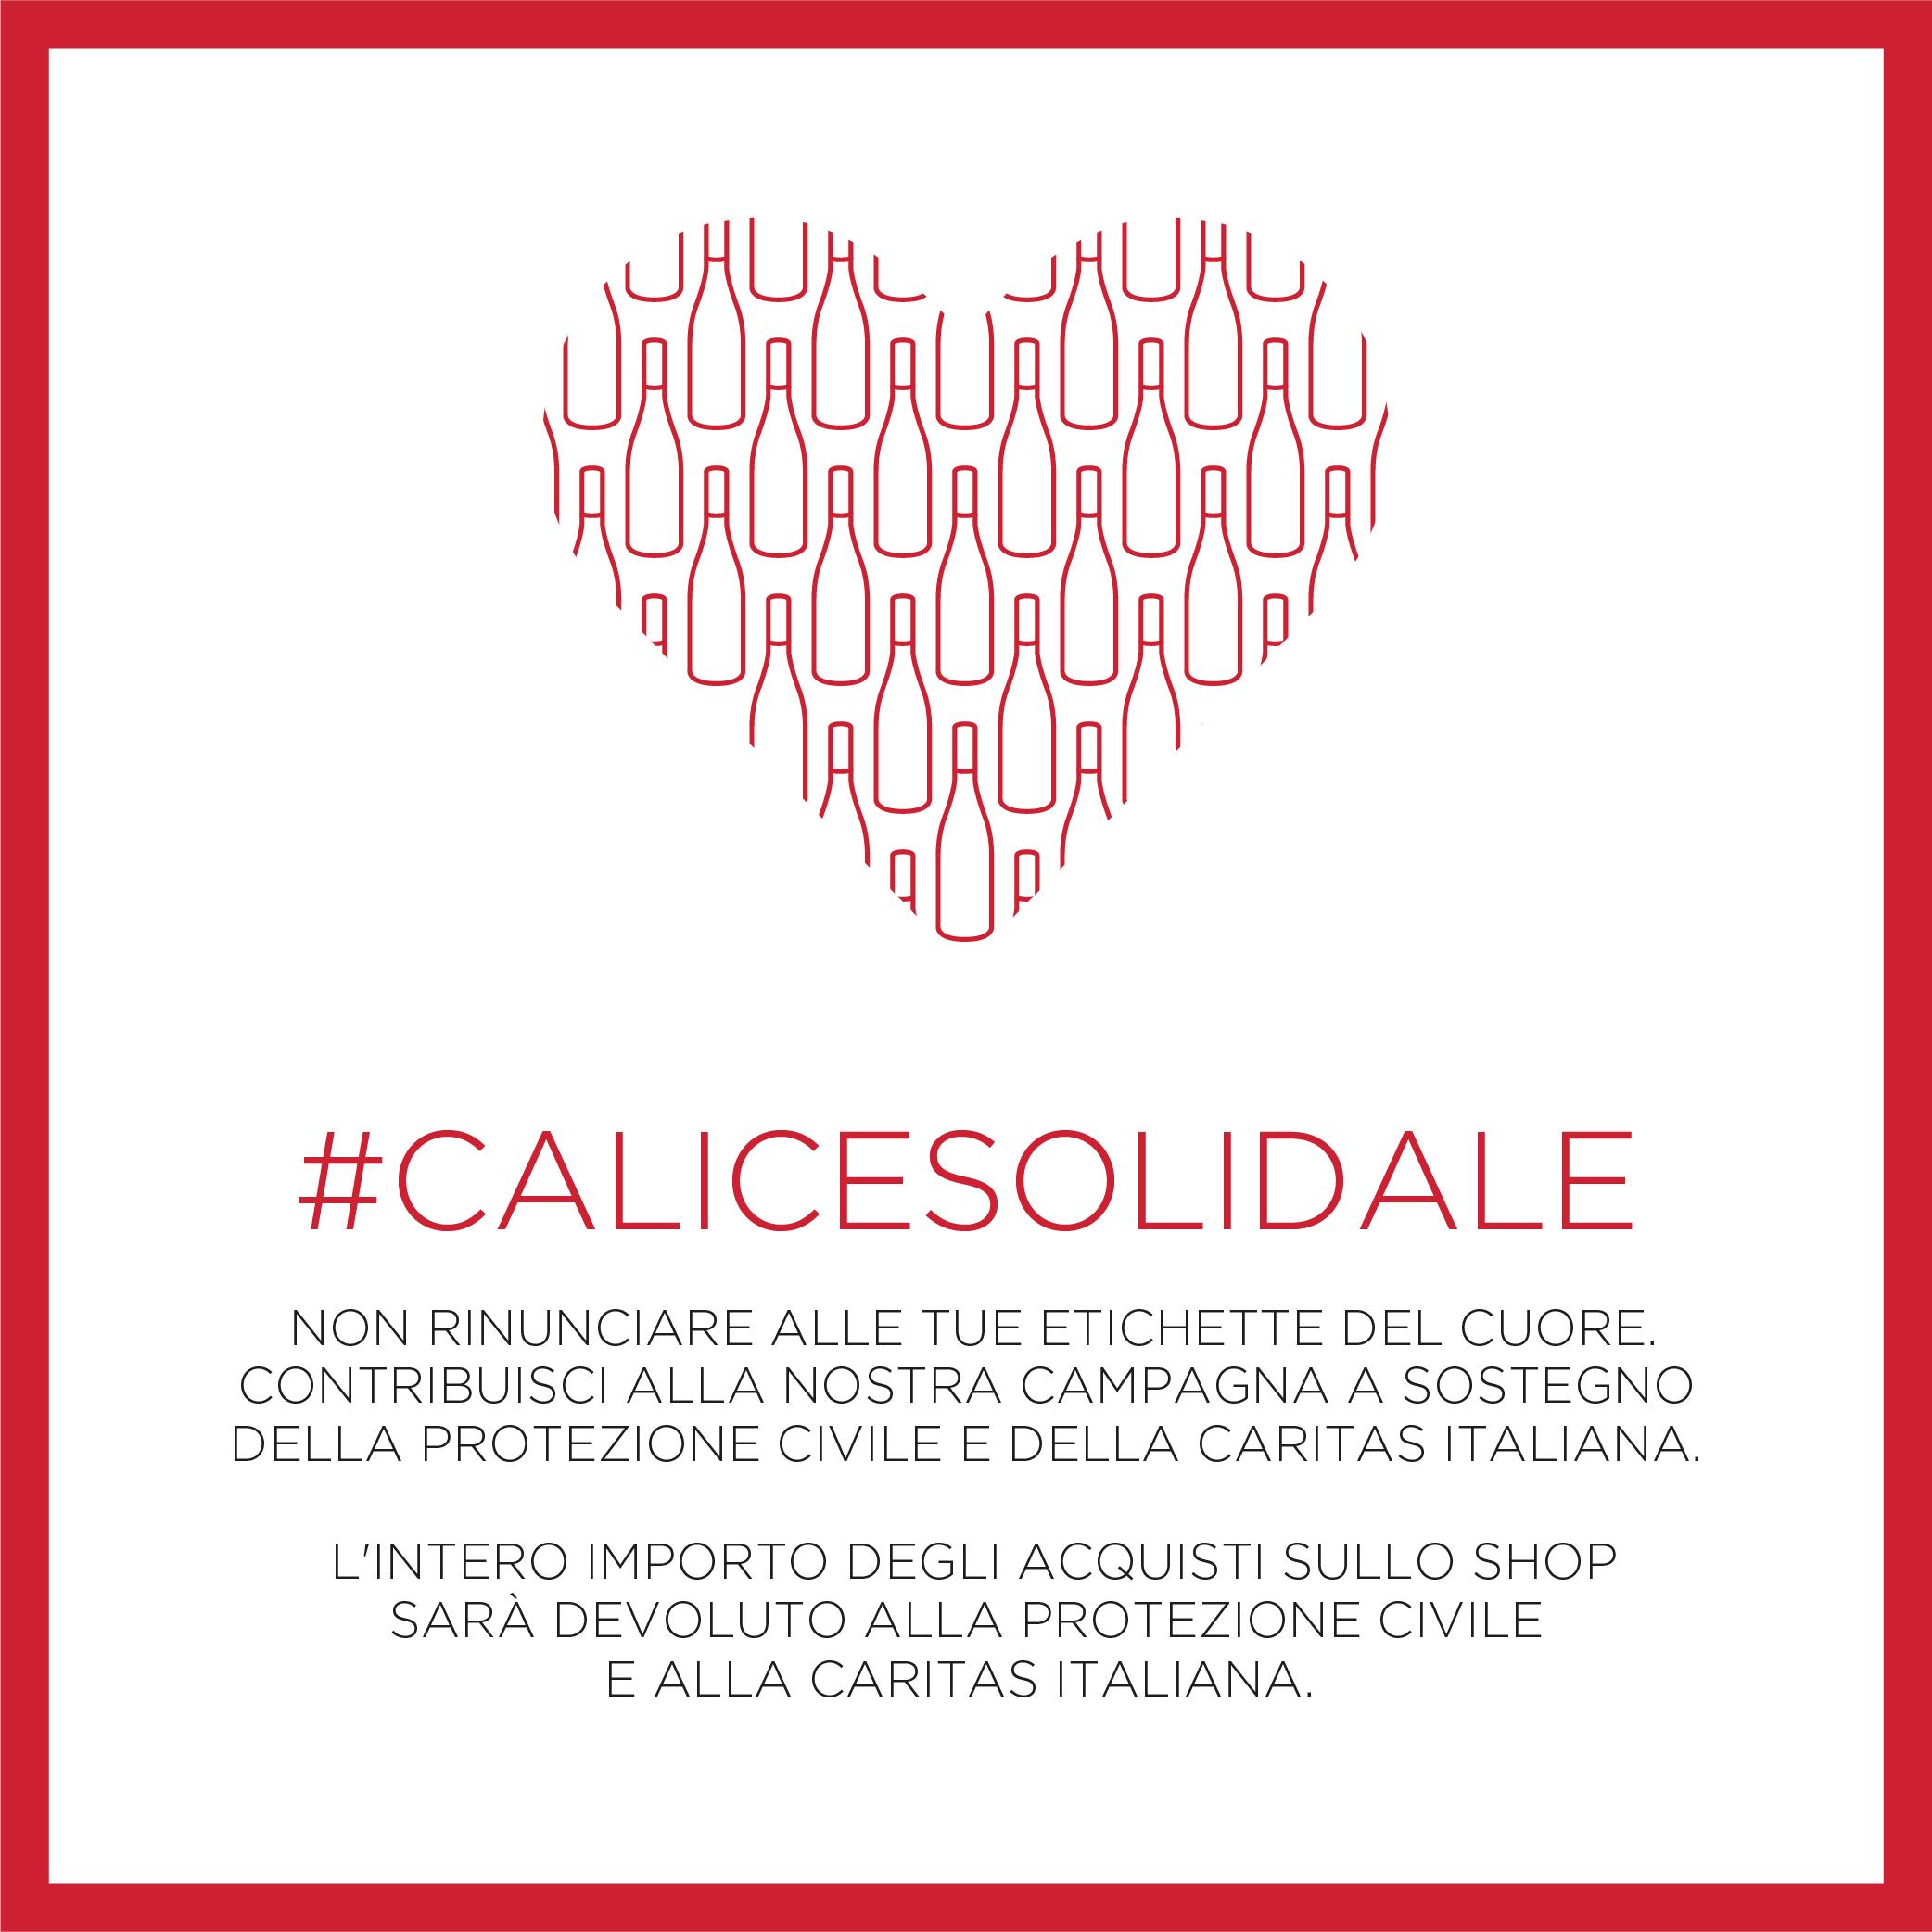 Calice Solidale - Tenute Rubino | I Vini della Puglia